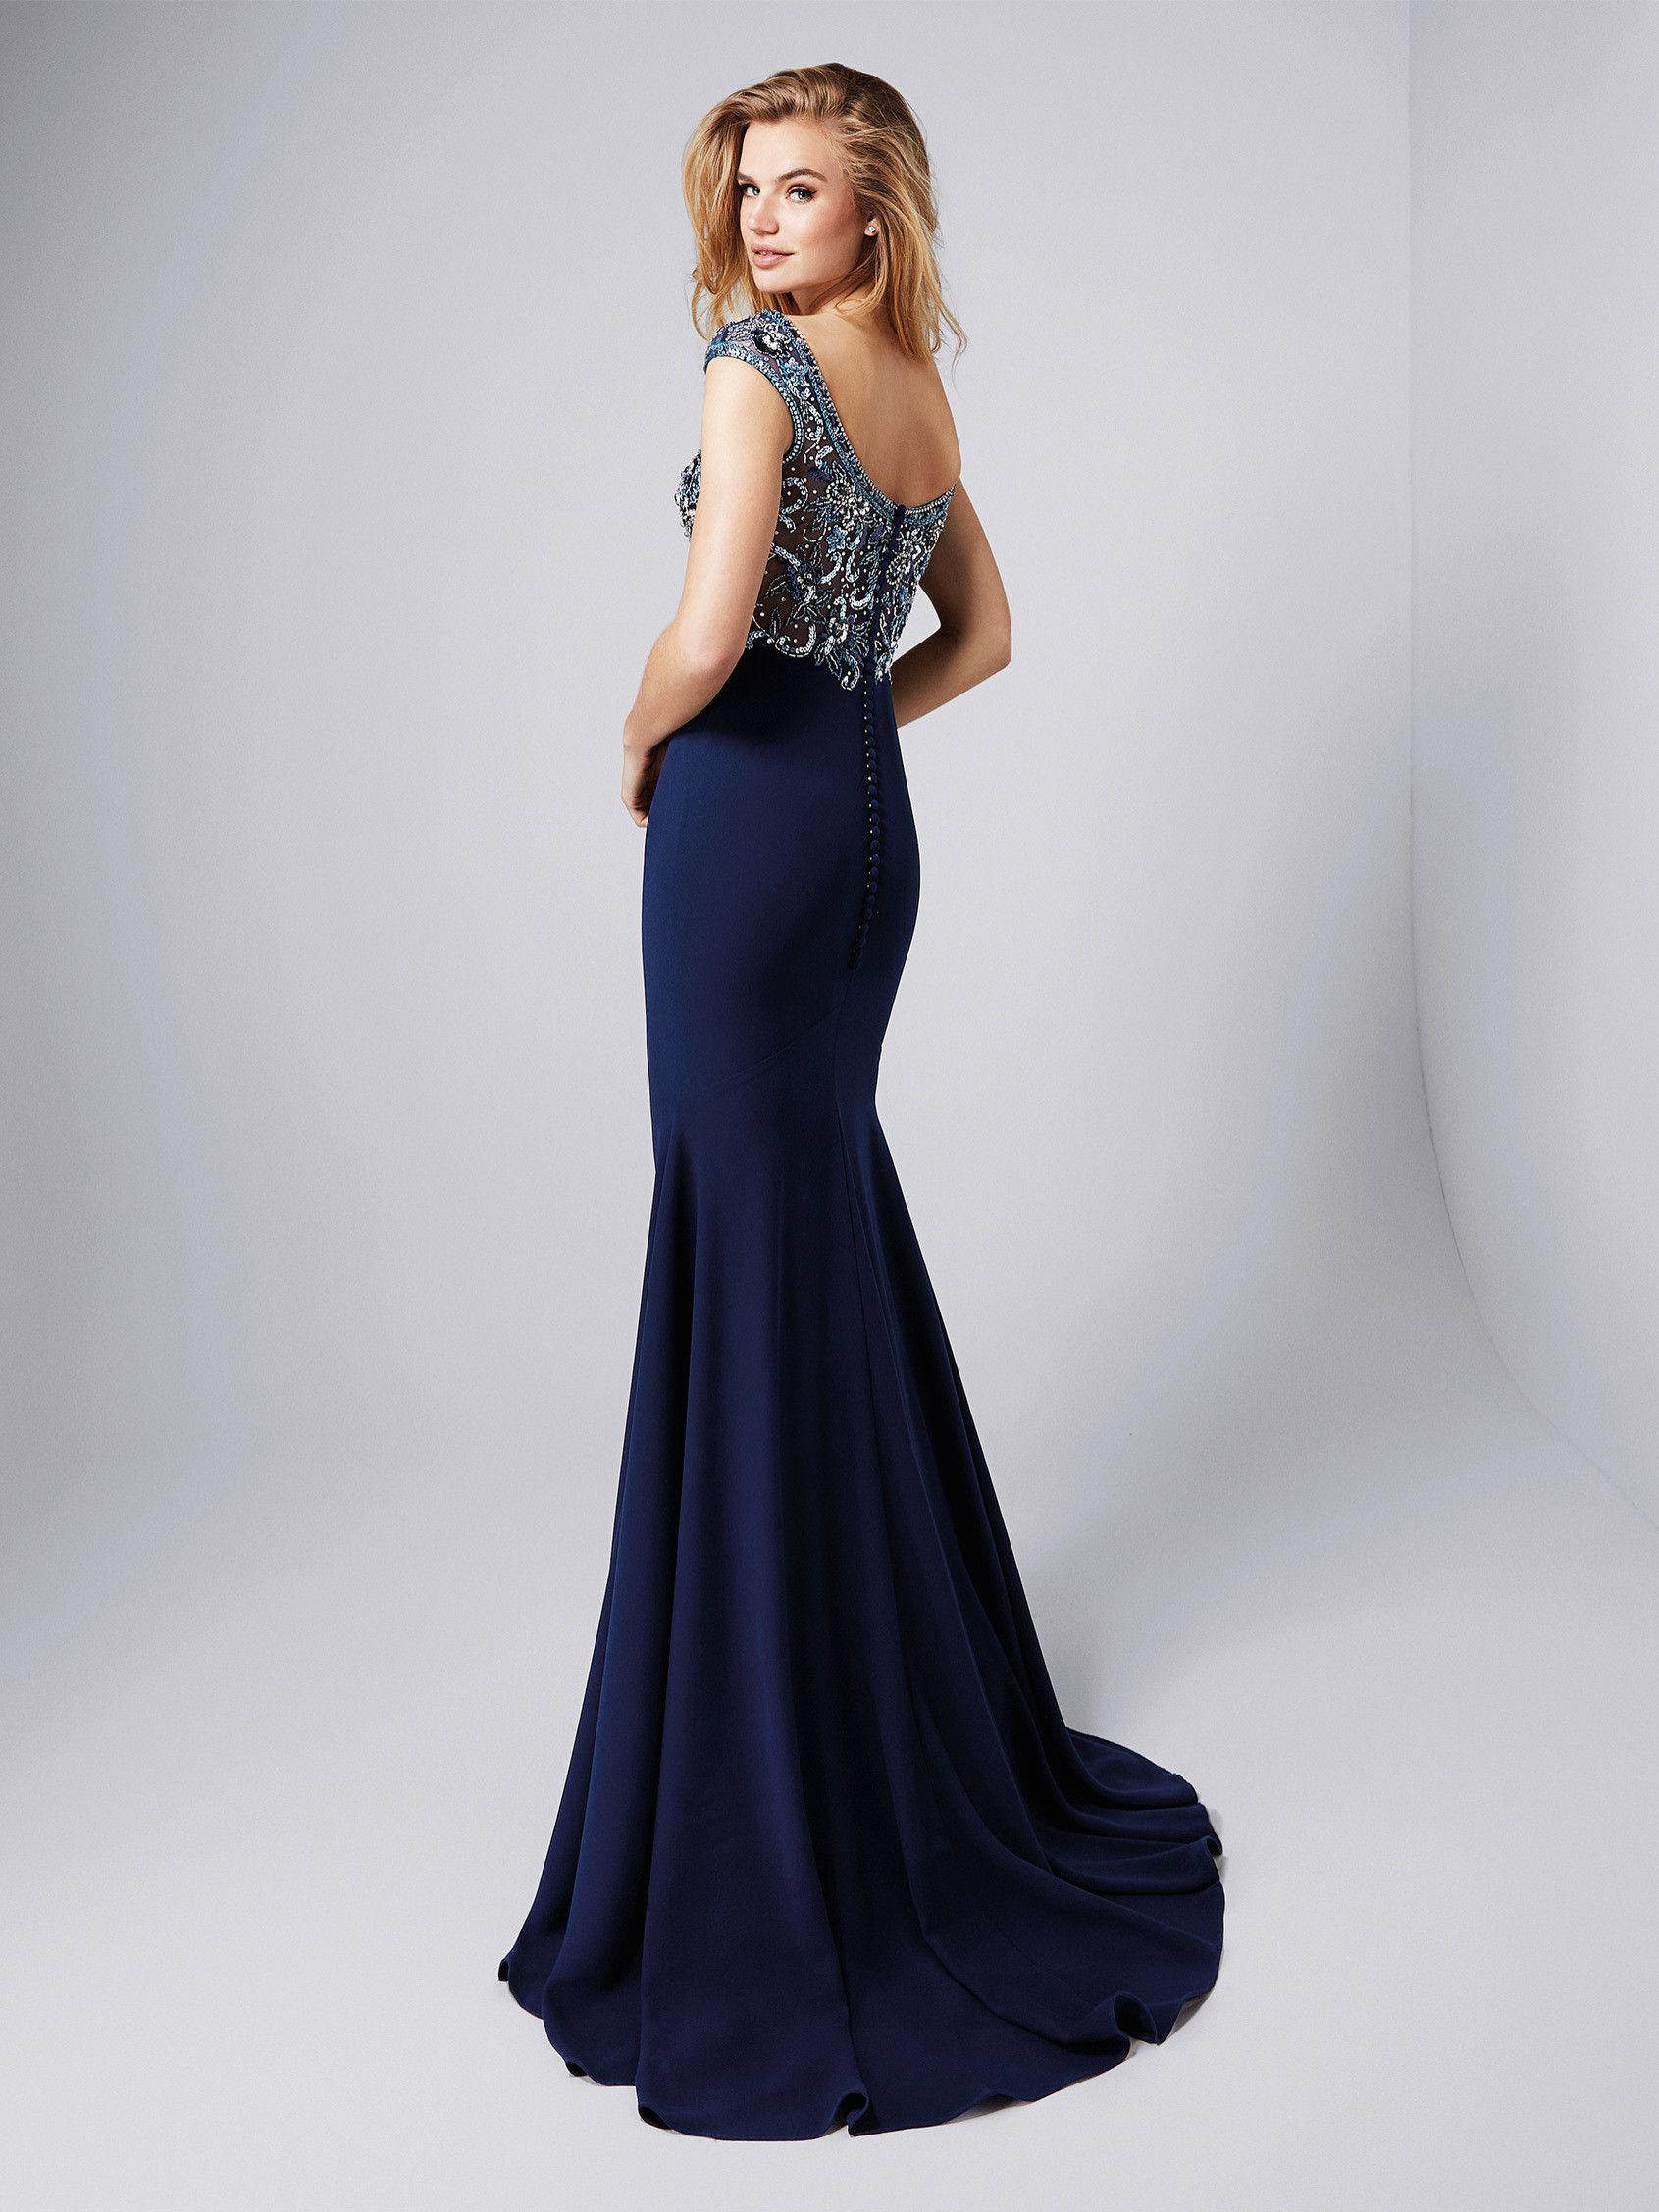 Vestido de gala sirena con cola - Colección fiesta 2018 Pronovias ...